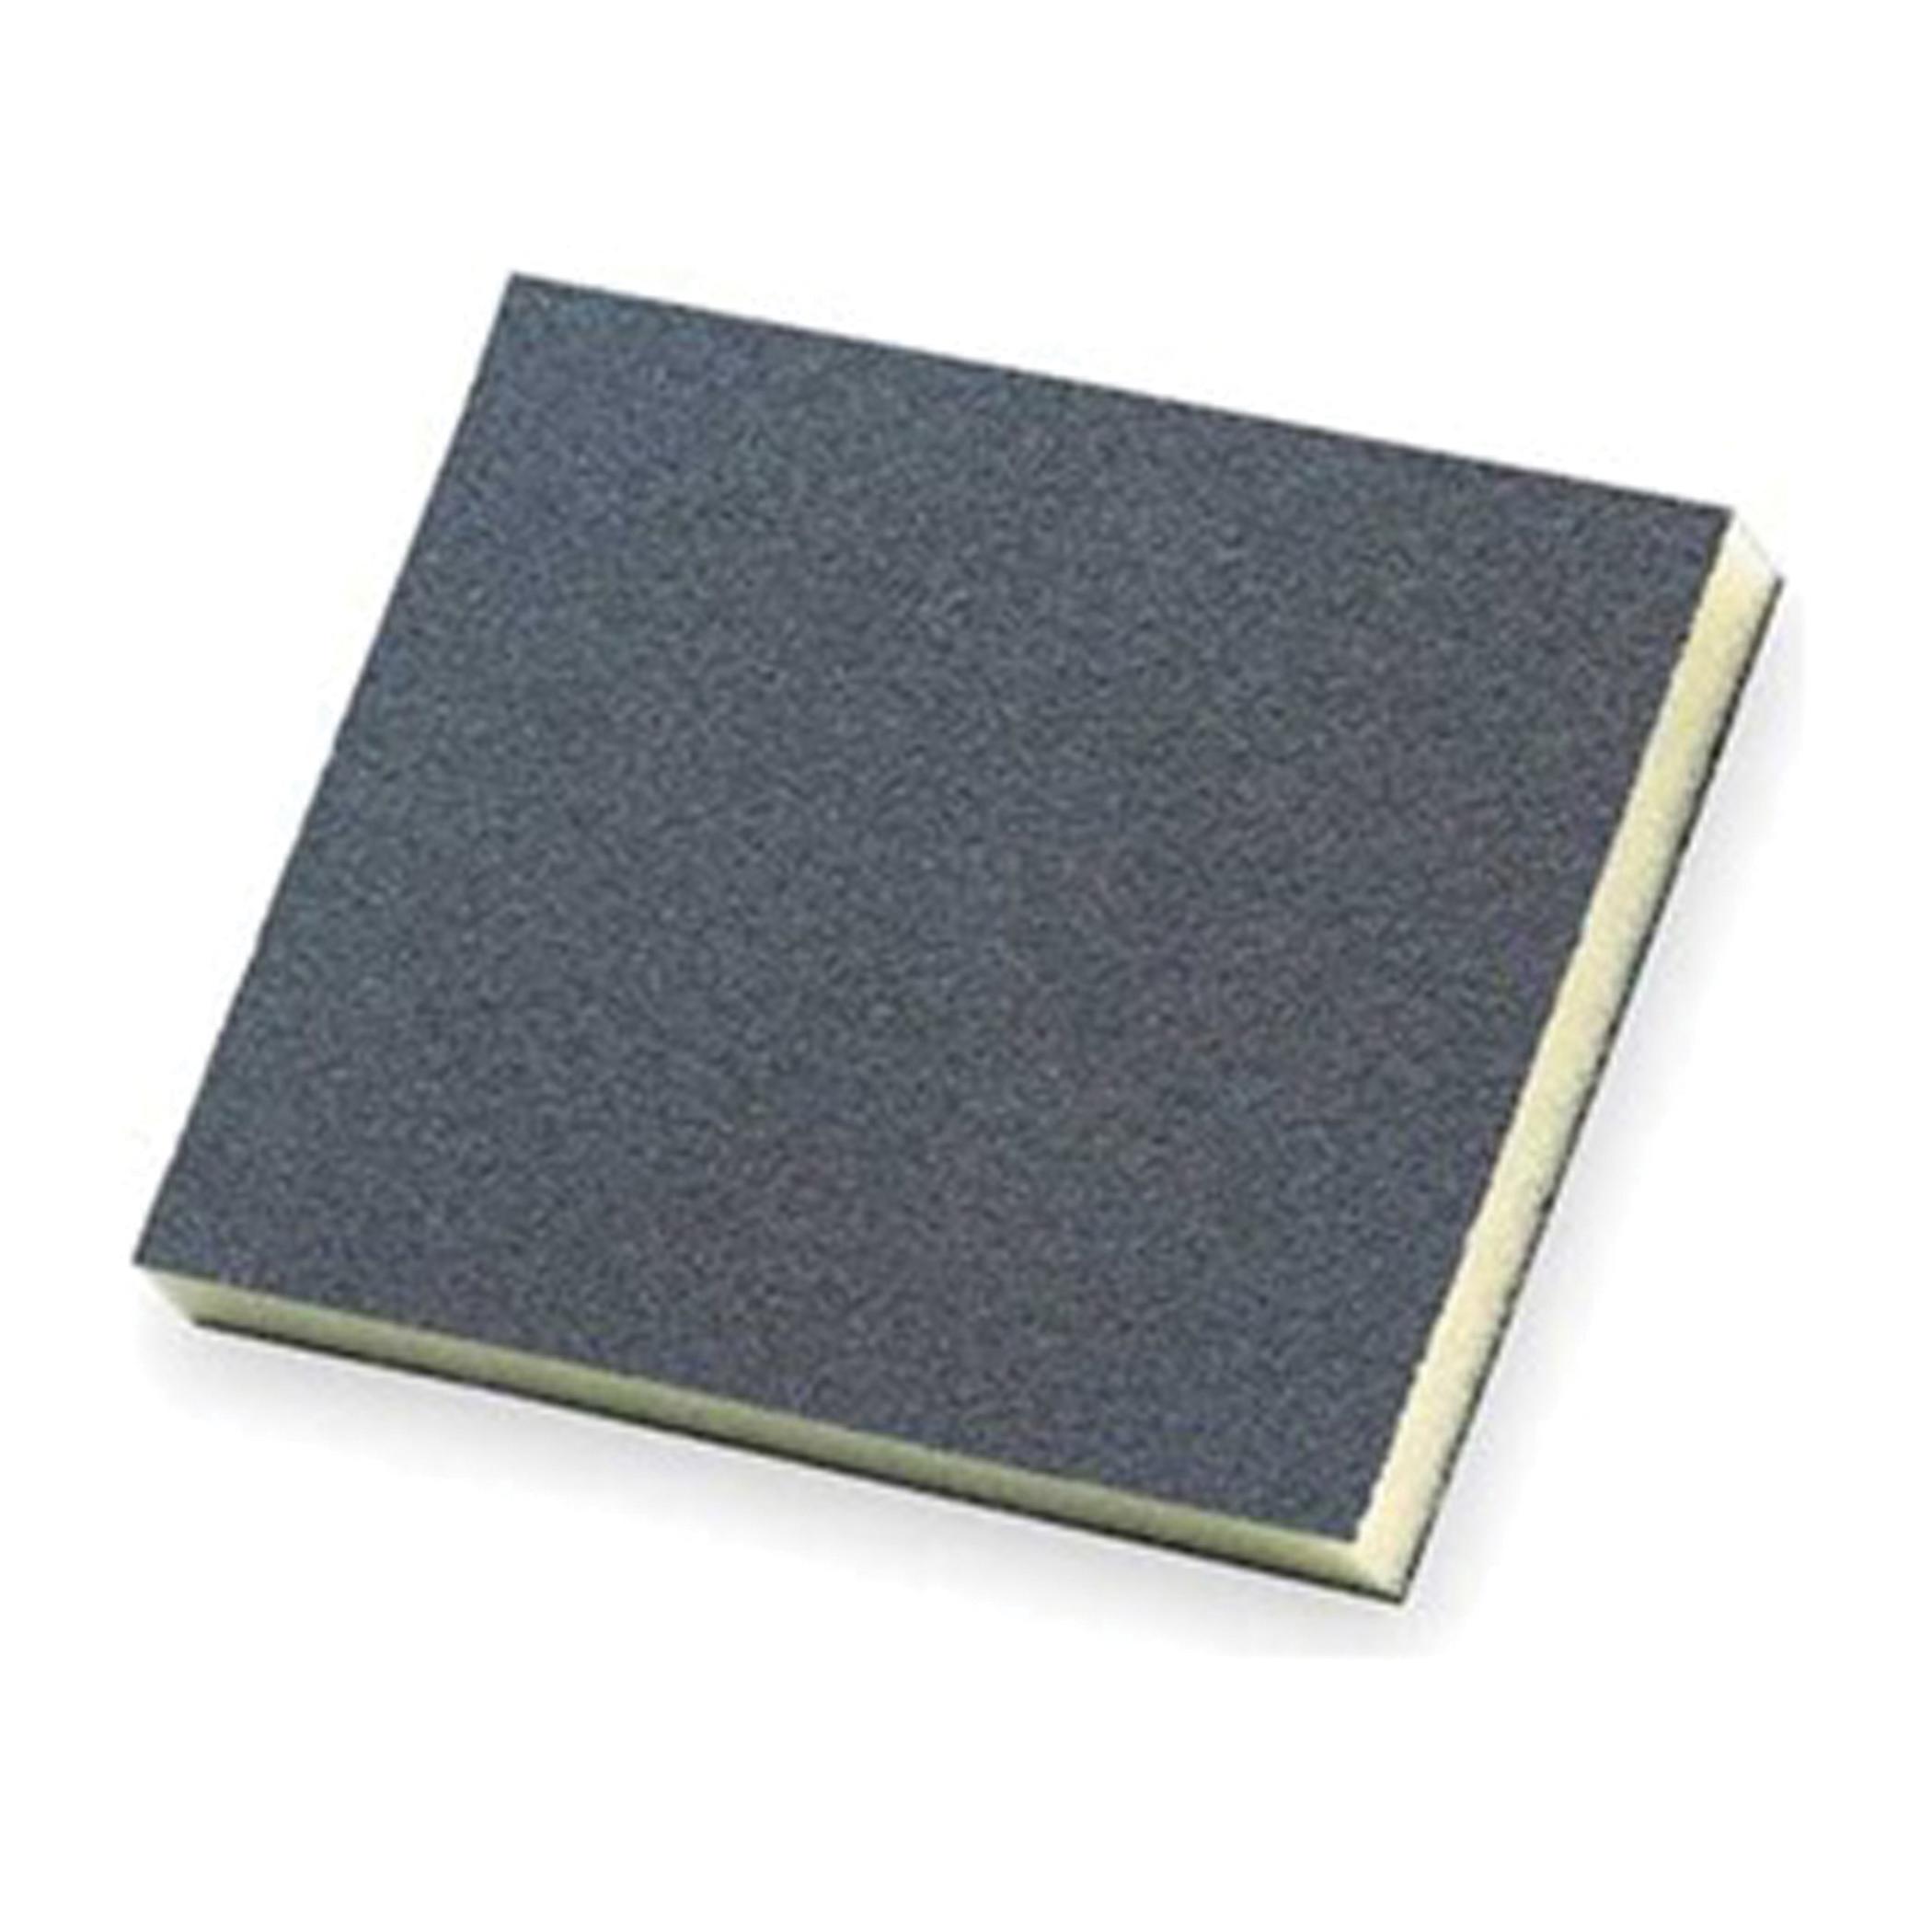 Norton® 63642552868 Economy Sealer Sanding Sponge, 4-3/4 in L x 3-3/4 in W x 1/2 in THK, 220 Grit, Very Fine Grade